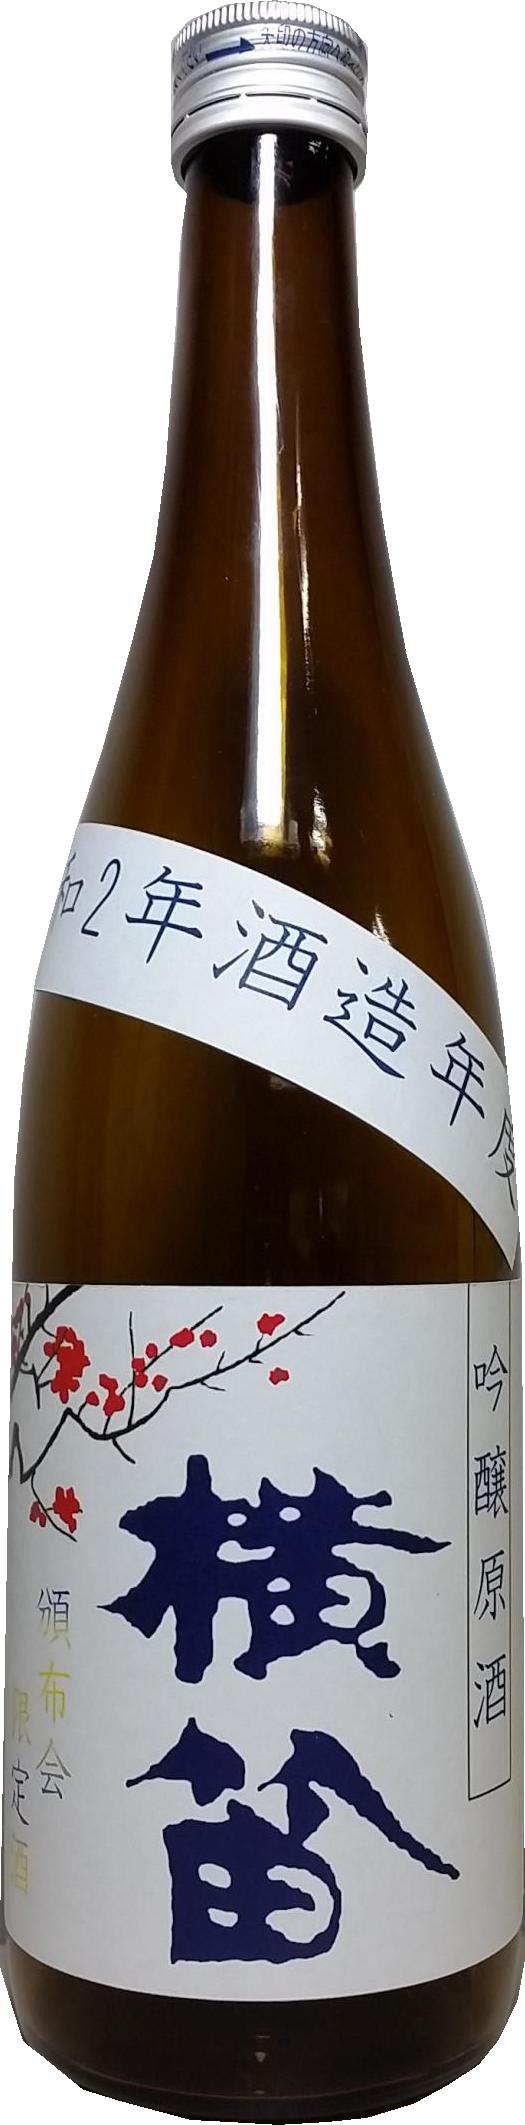 信州・諏訪の地酒「横笛」、酒造年度違いの呑み比べなど毎月異なるテーマで楽しめる「春の頒布会」を開始